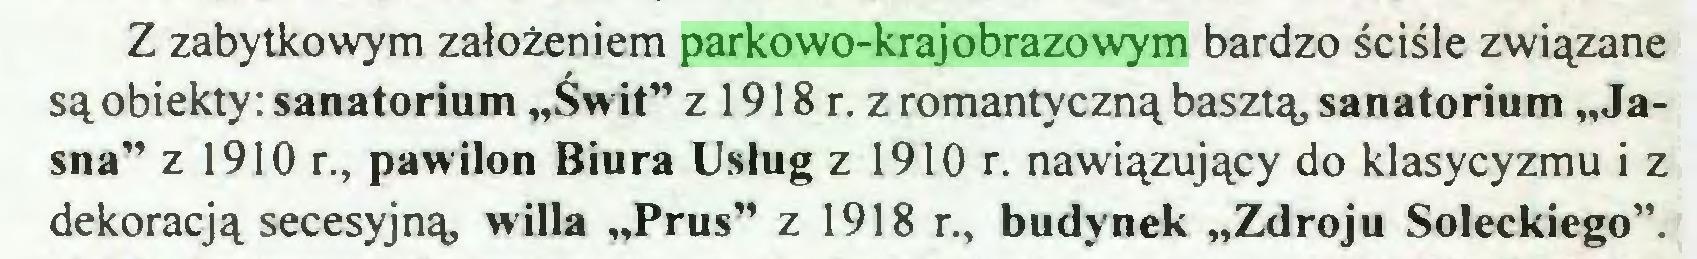 """(...) Z zabytkowym założeniem parkowo-krajobrazowym bardzo ściśle związane są obiekty: sanatorium """"Świt"""" z 1918 r. z romantyczną basztą, sanatorium """"Jasna"""" z 1910 r., pawilon Biura Usług z 1910 r. nawiązujący do klasycyzmu i z dekoracją secesyjną willa """"Prus"""" z 1918 r., budynek """"Zdroju Soleckiego""""..."""